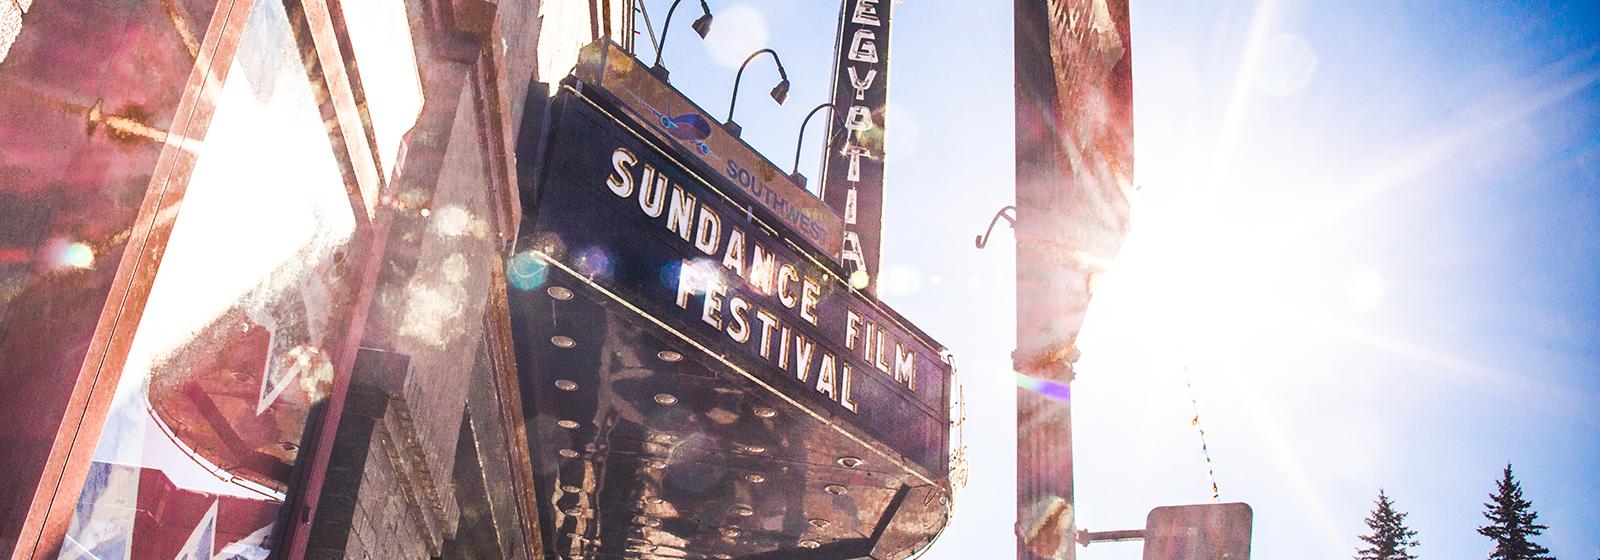 Park City Events Theatre Concerts Festivals Performing Arts